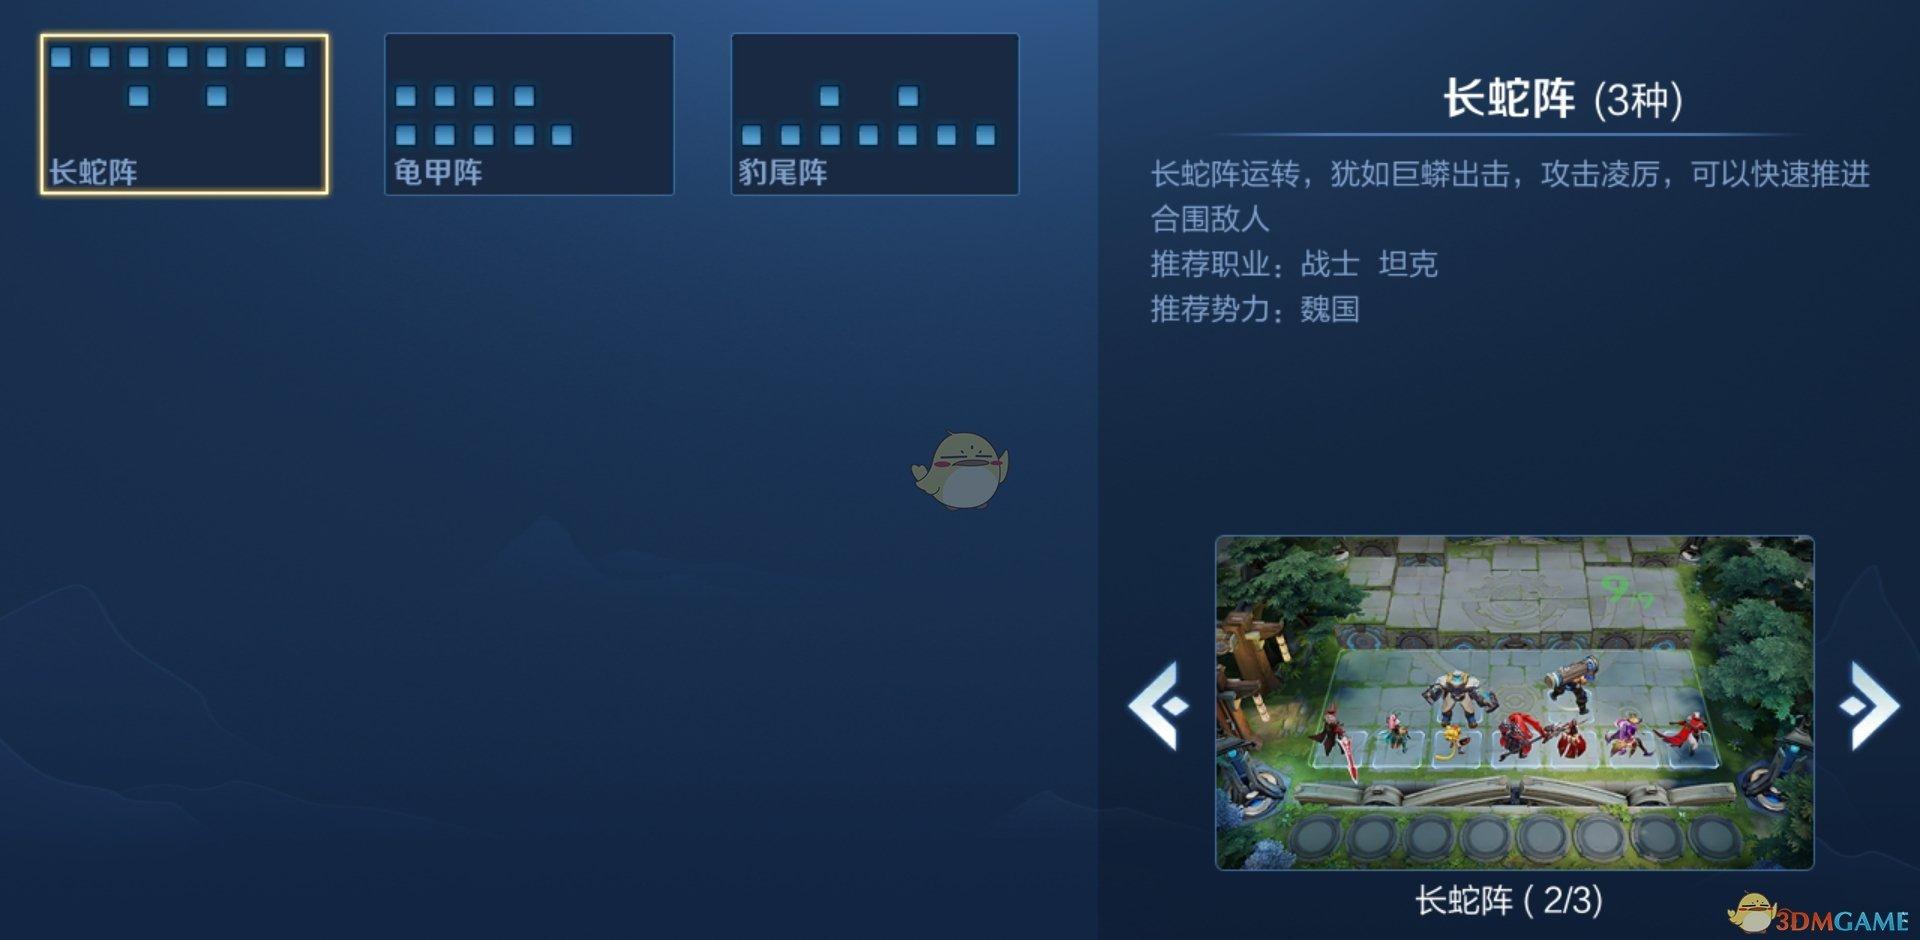 《王者荣耀》王者模拟战【长蛇阵】攻略